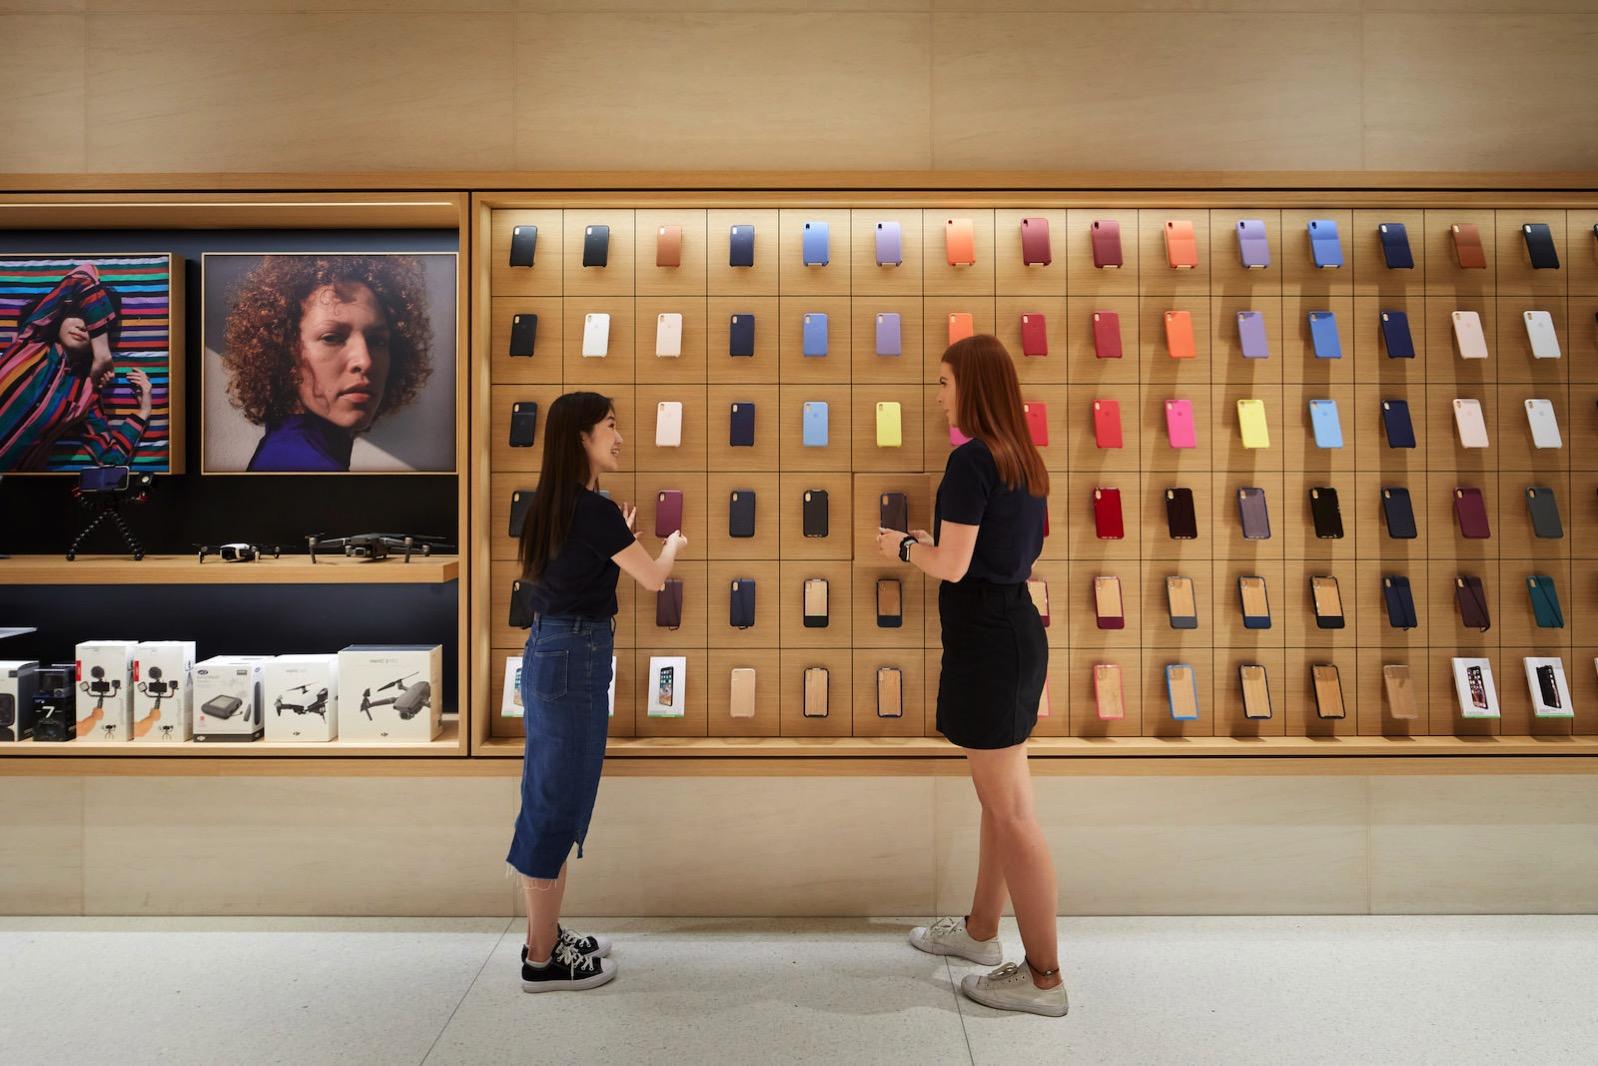 Apple-Marunouchi-opens-saturday-in-Tokyo-team-members-prep-store-090419.jpg